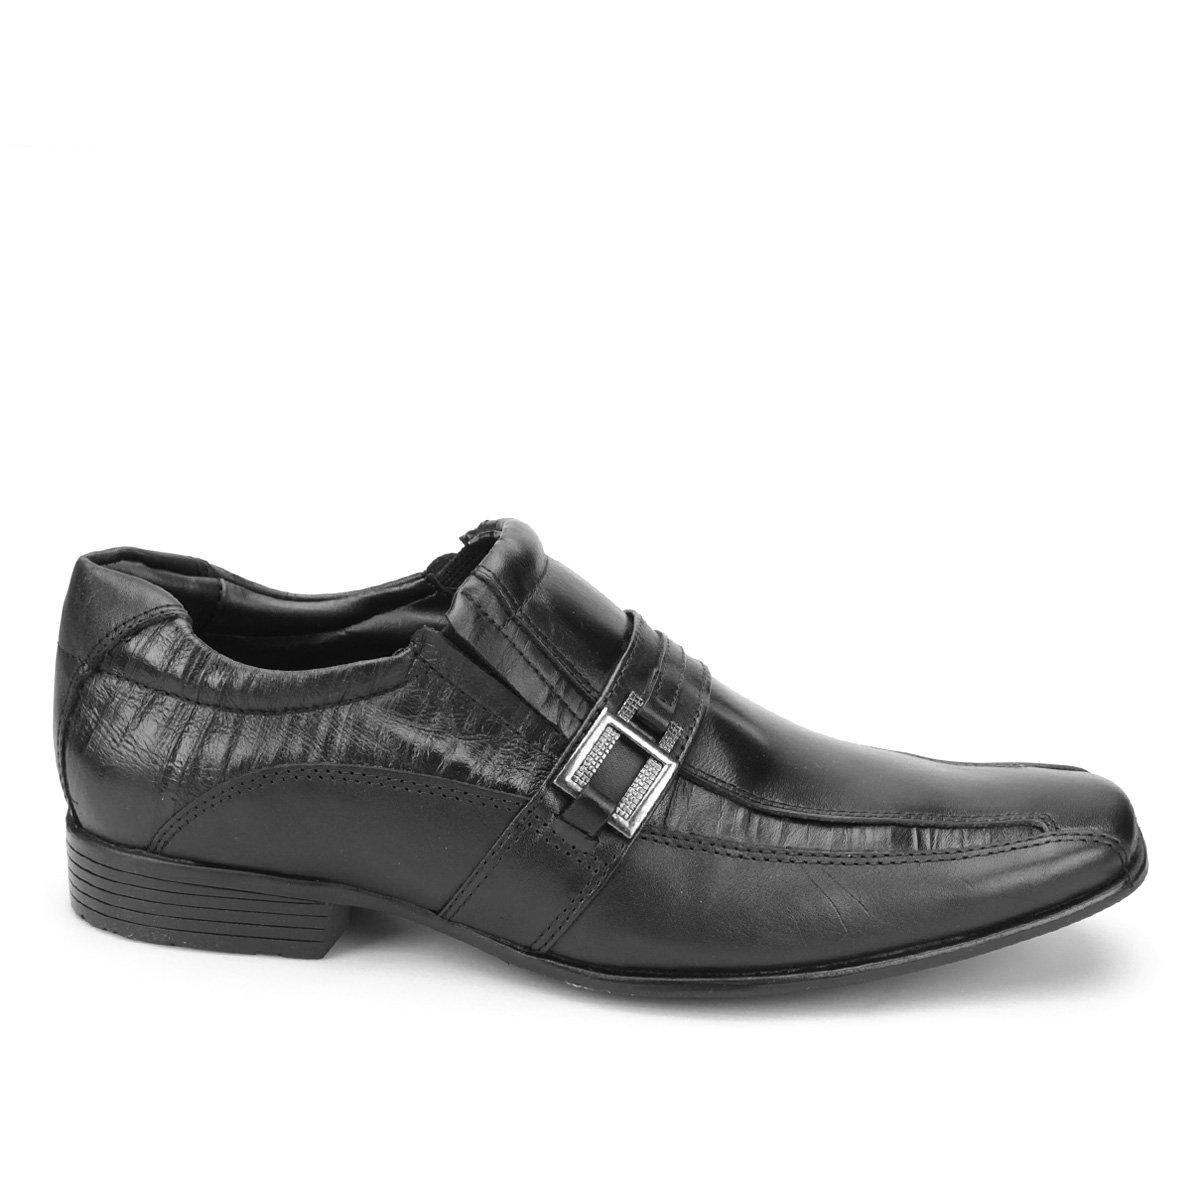 Mariner Bico Sapato Quadrado Sapato Social Masculino Preto Couro Smart Social wXqIx75p5